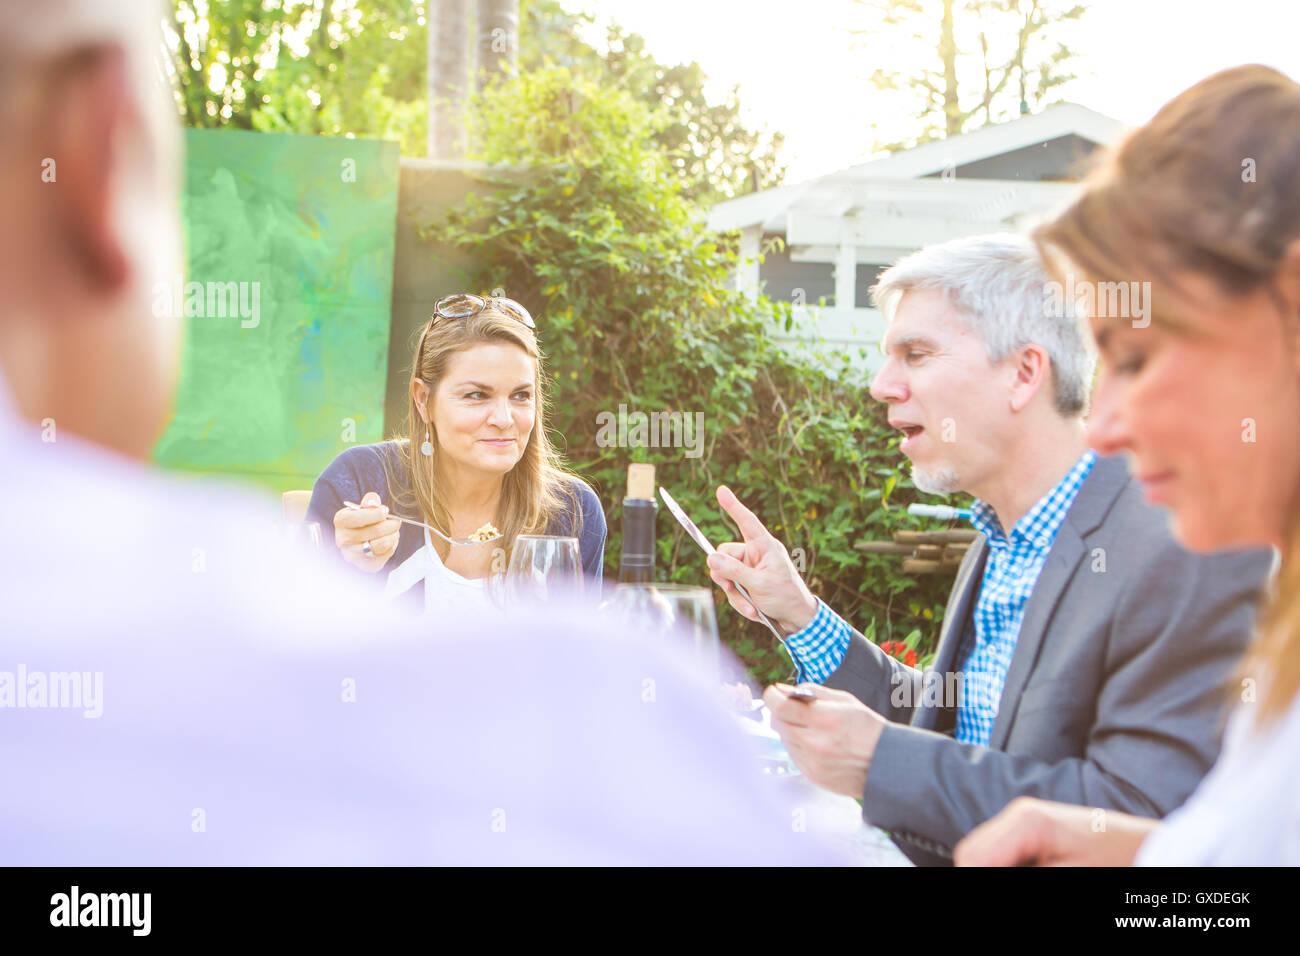 Les adultes de manger et parler ensemble table at garden party Photo Stock